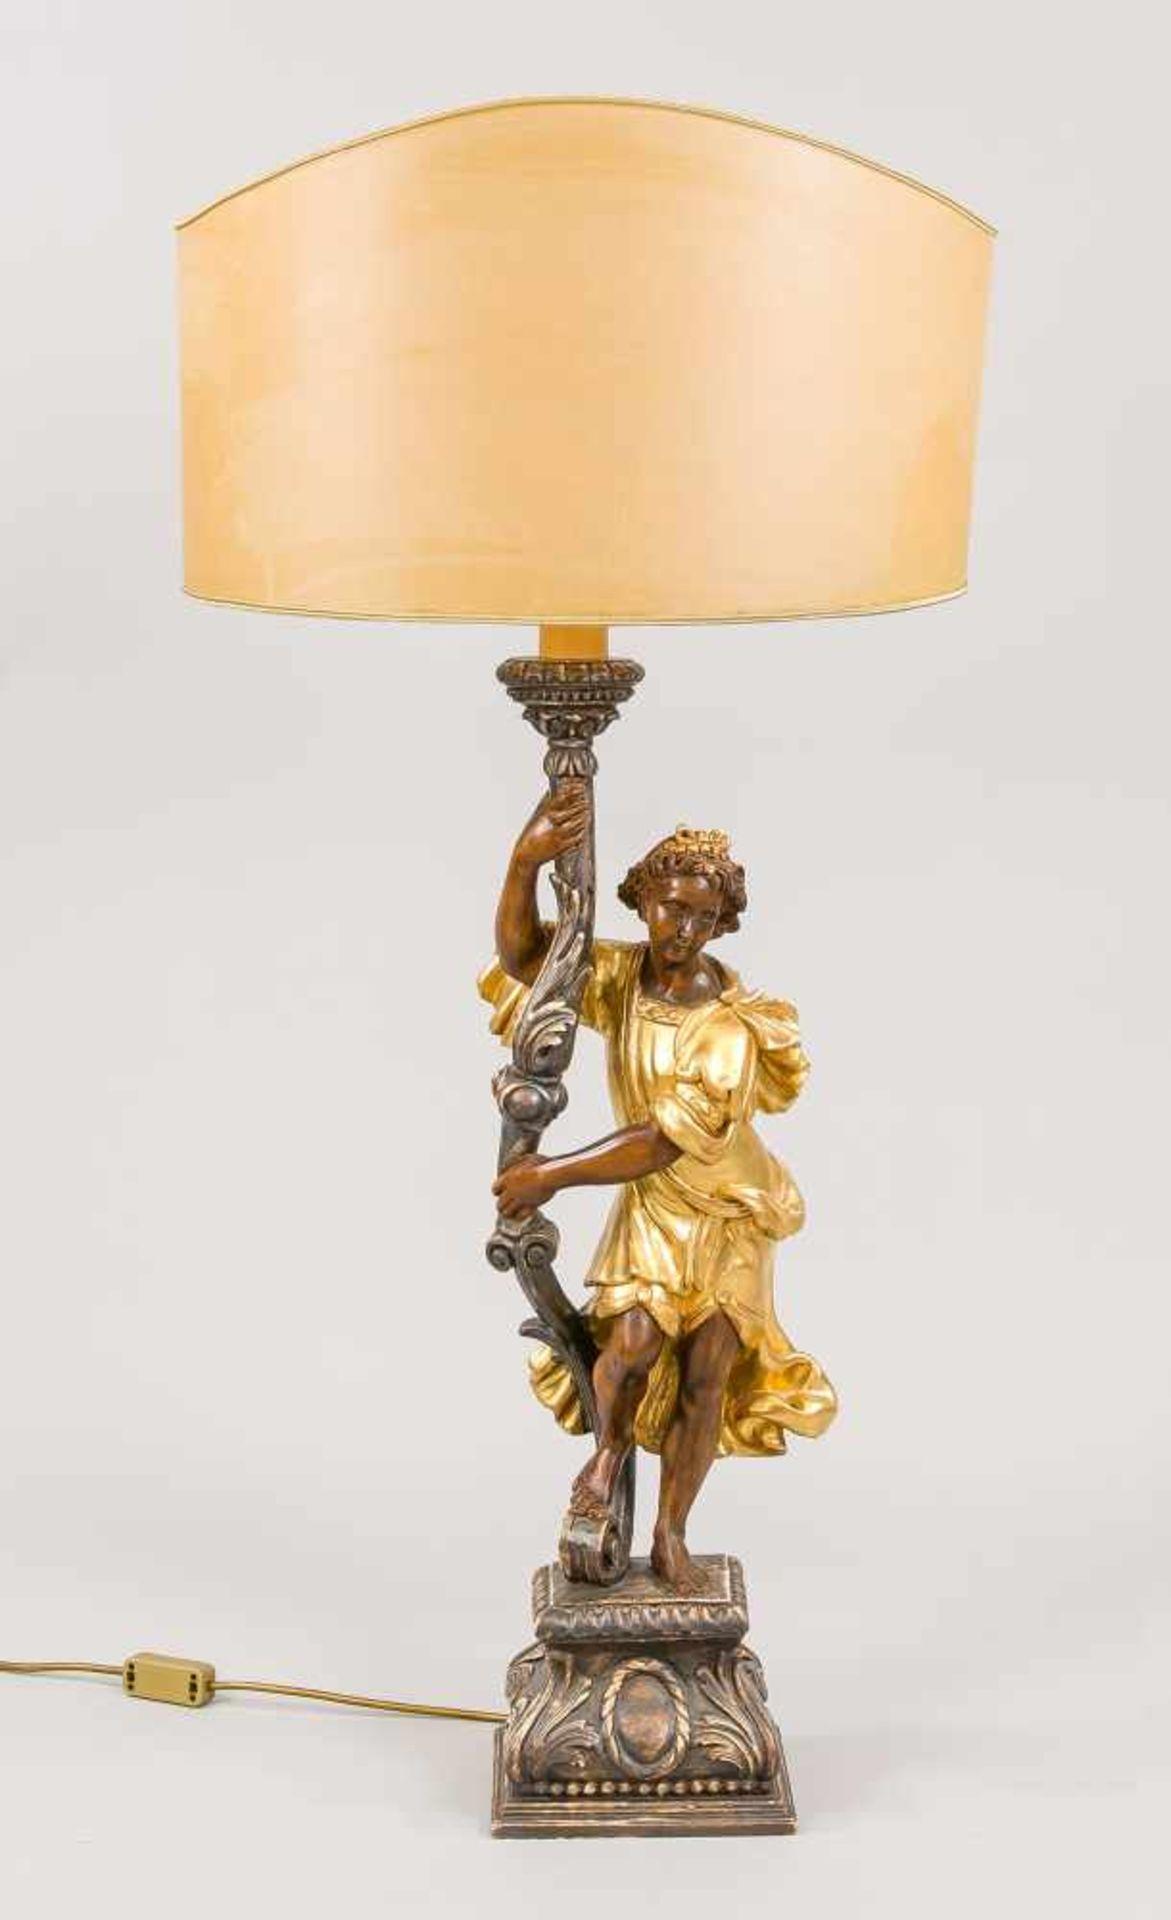 Figürliche Tischlampe, Mitte 20. Jh., Lindenholz, monochrom (braun) und Gold staffiert.